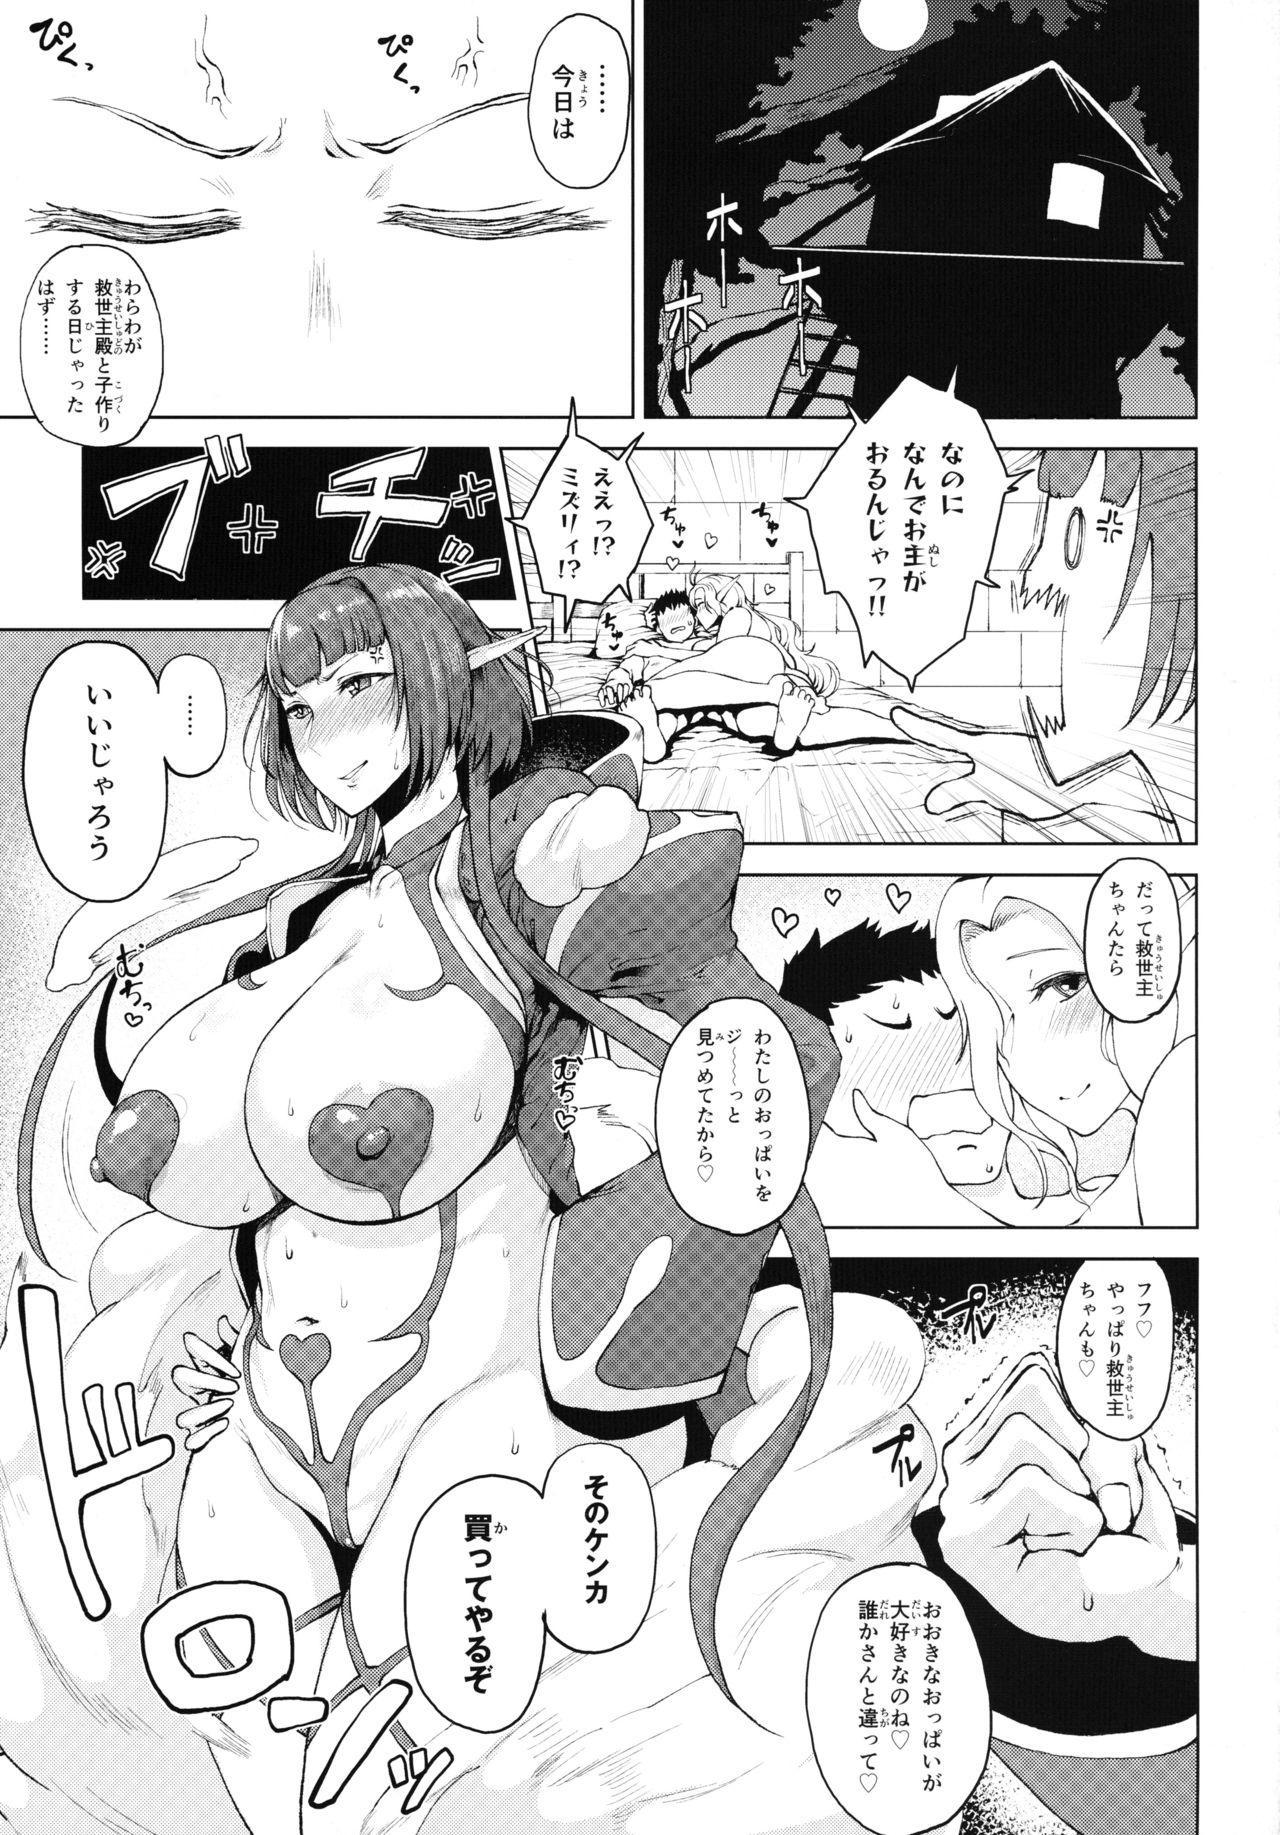 Youkoso! Sukebe Elf no Mori e Visual Fanbook 93